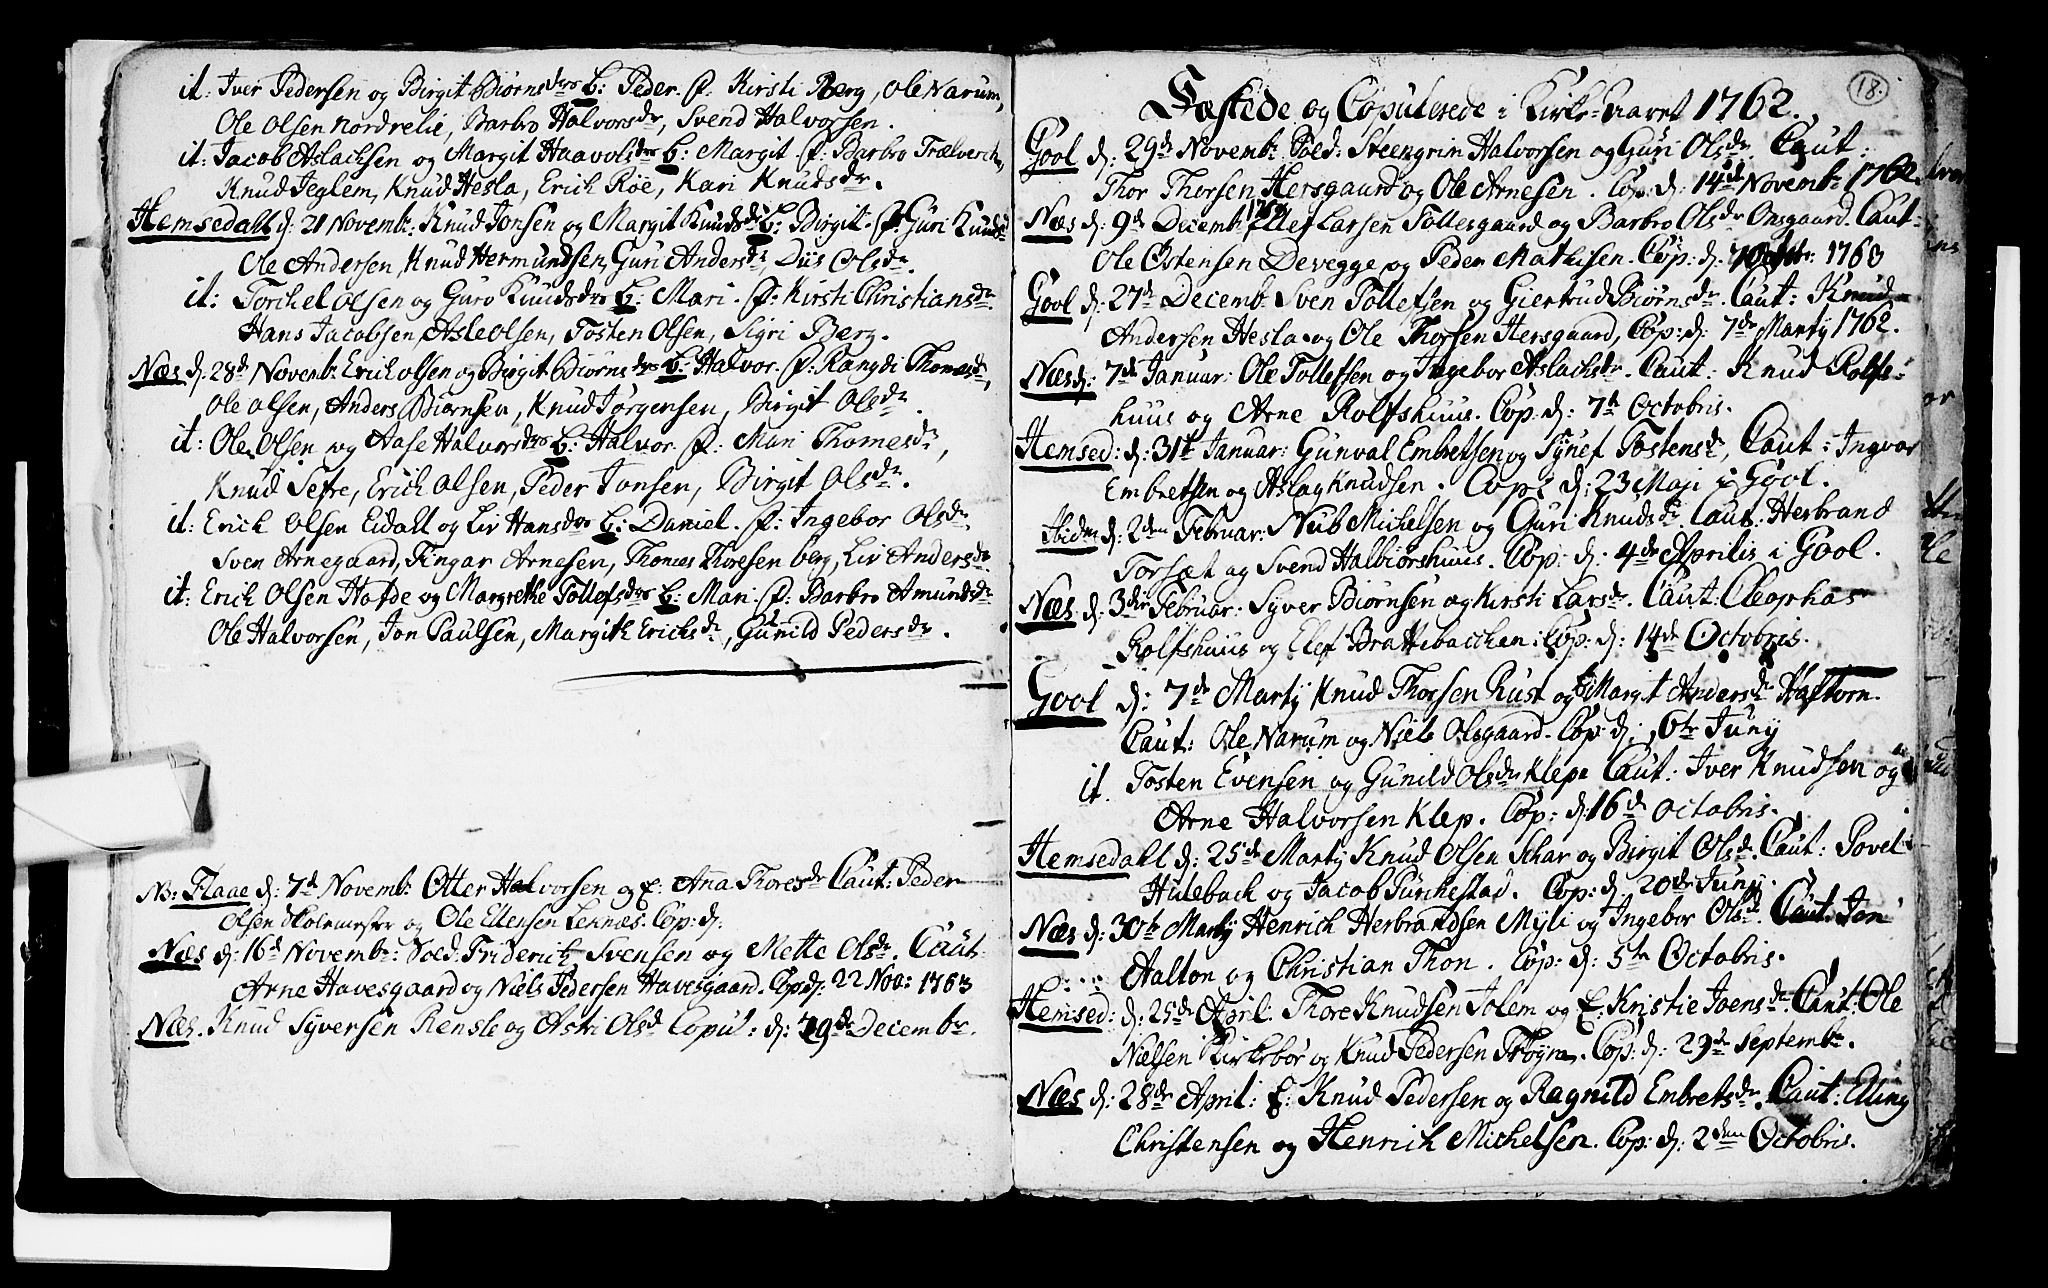 SAKO, Nes kirkebøker, F/Fa/L0003: Ministerialbok nr. 3, 1760-1764, s. 18